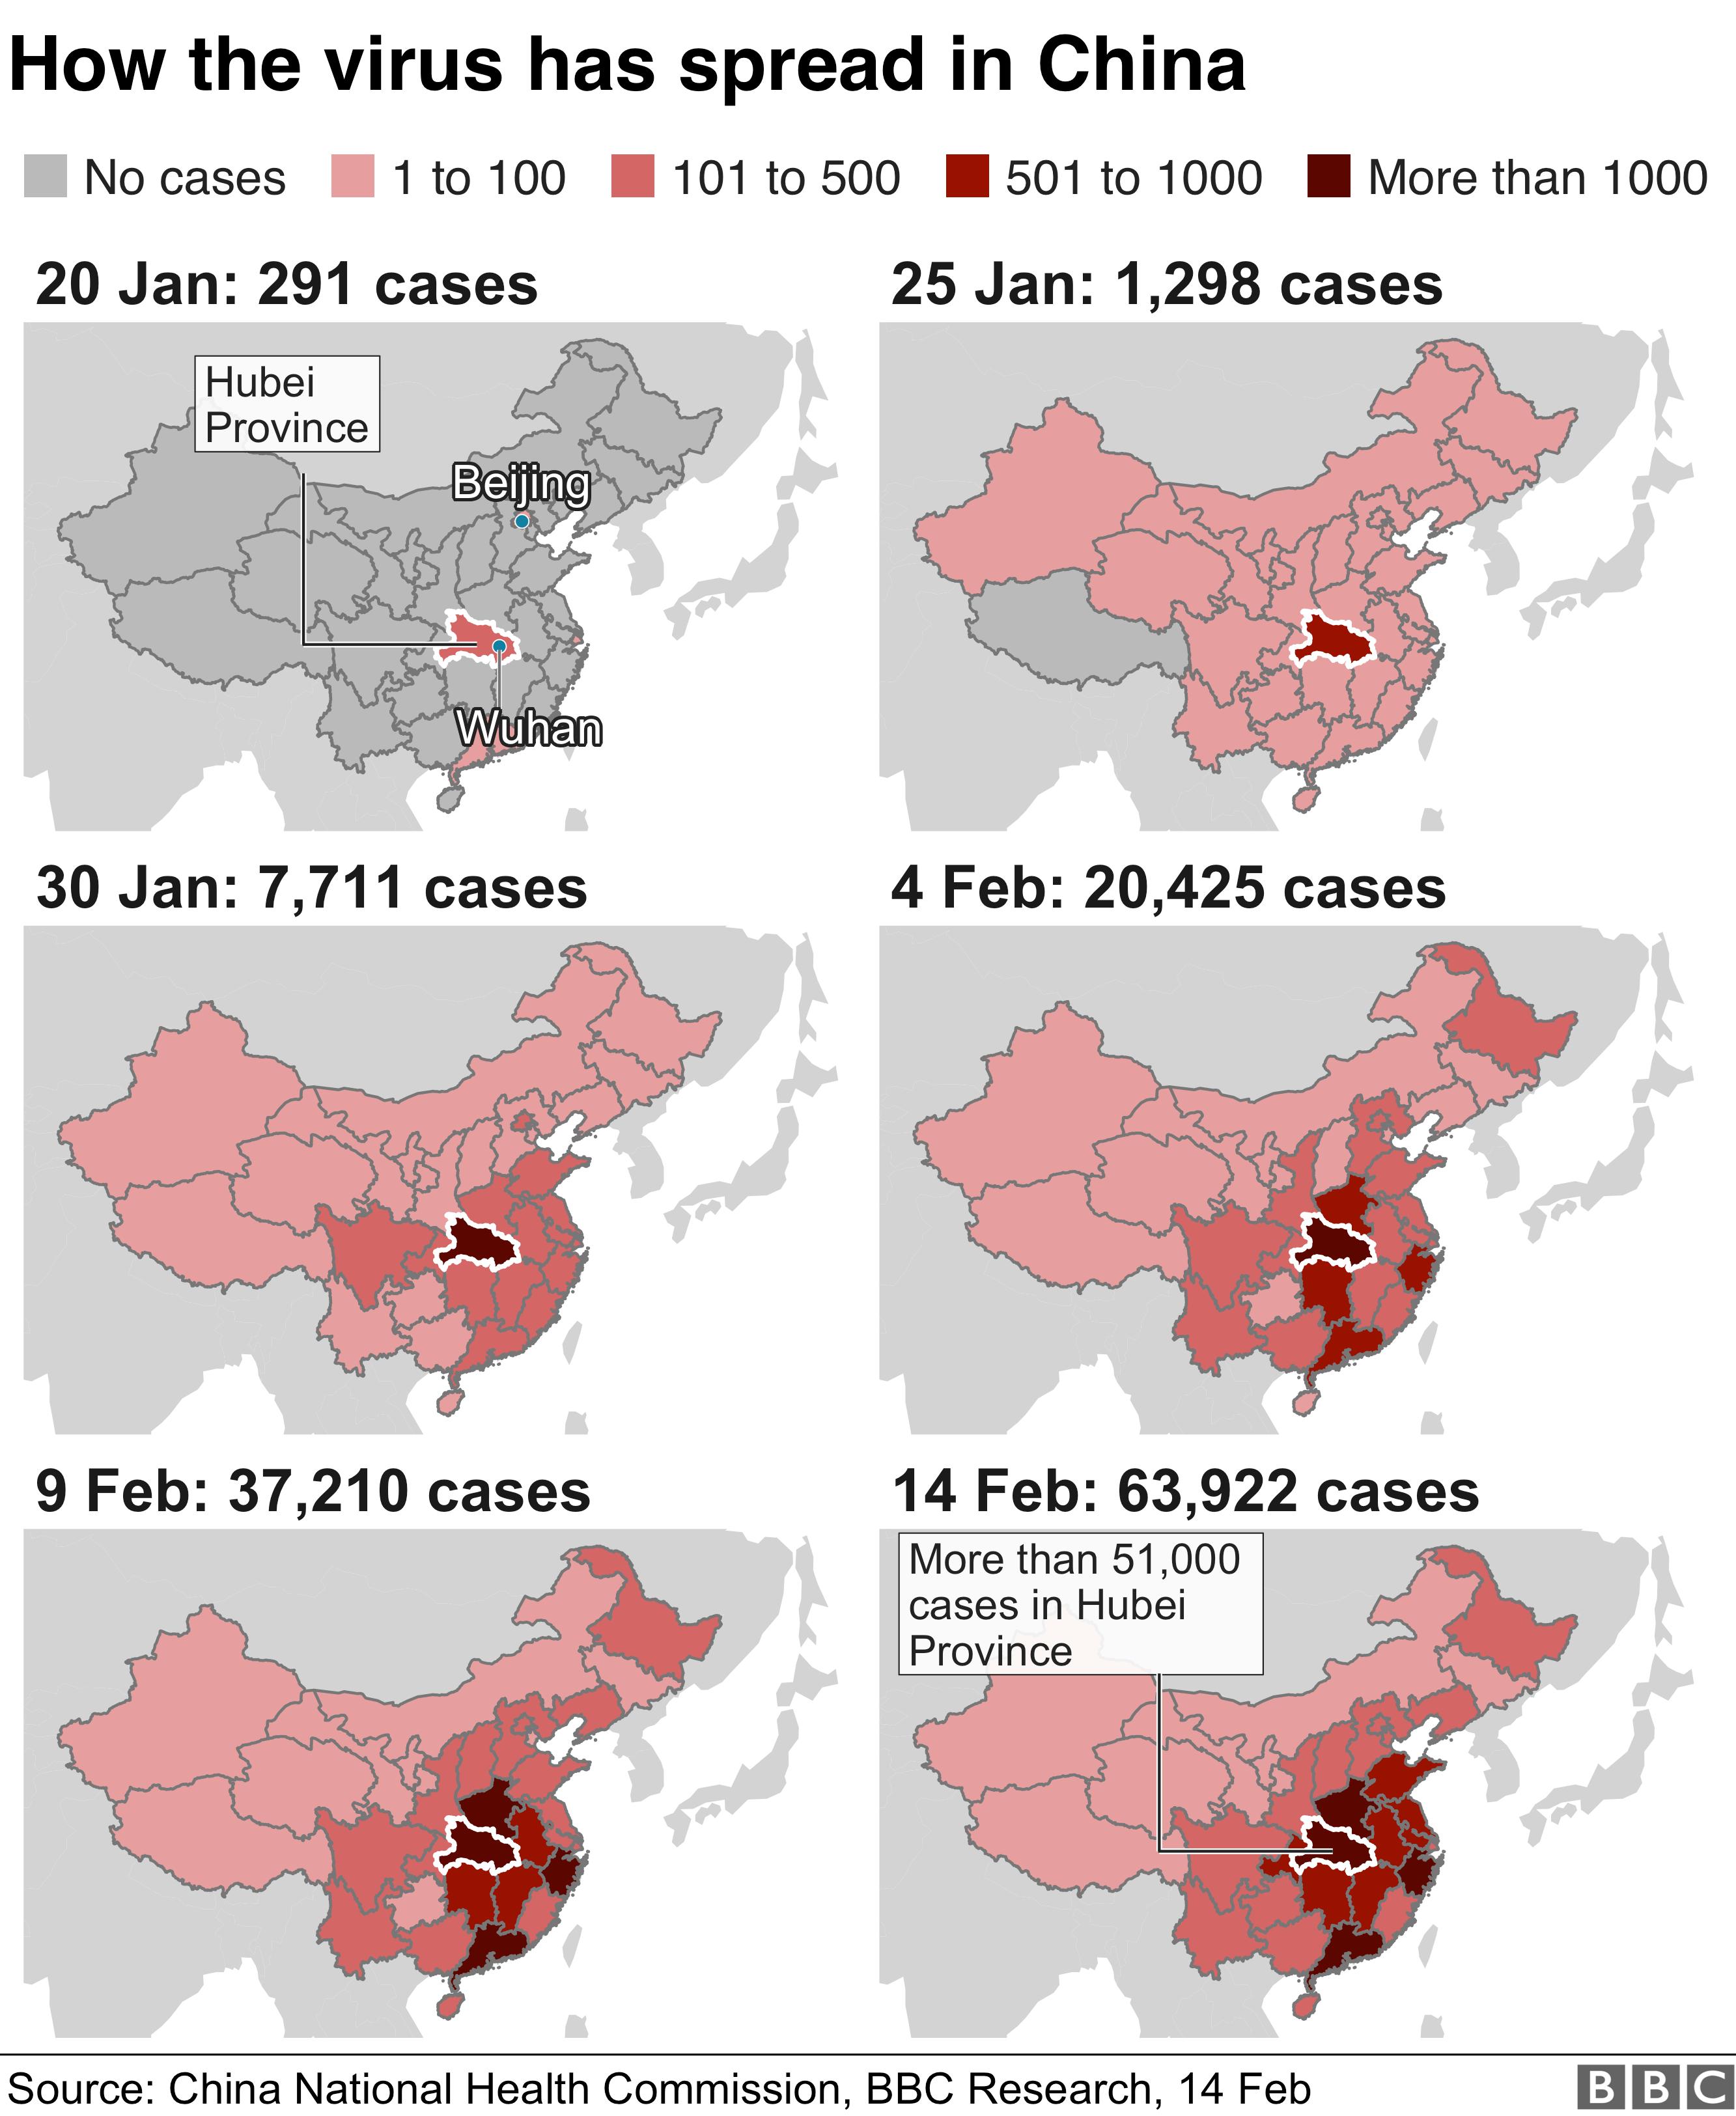 Serie de hărți care prezintă răspândirea coronavirusului